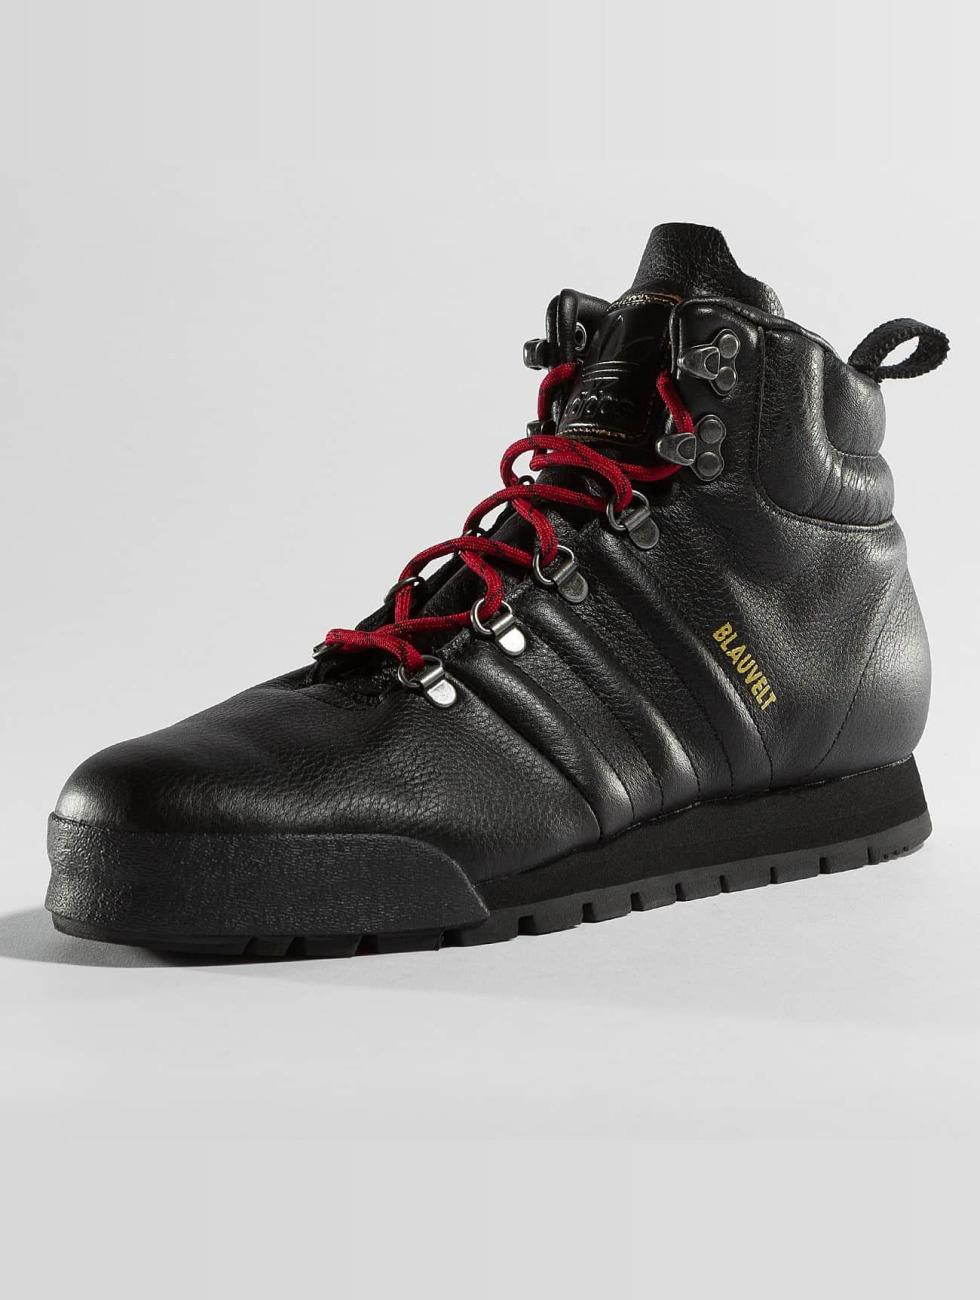 Breed Scala Van Online 2018 Te Koop adidas originals schoen / Boots Jake Blauvelt Boots in zwart 360346 Kortingen Te Koop Goedkope Ebay UcbYN